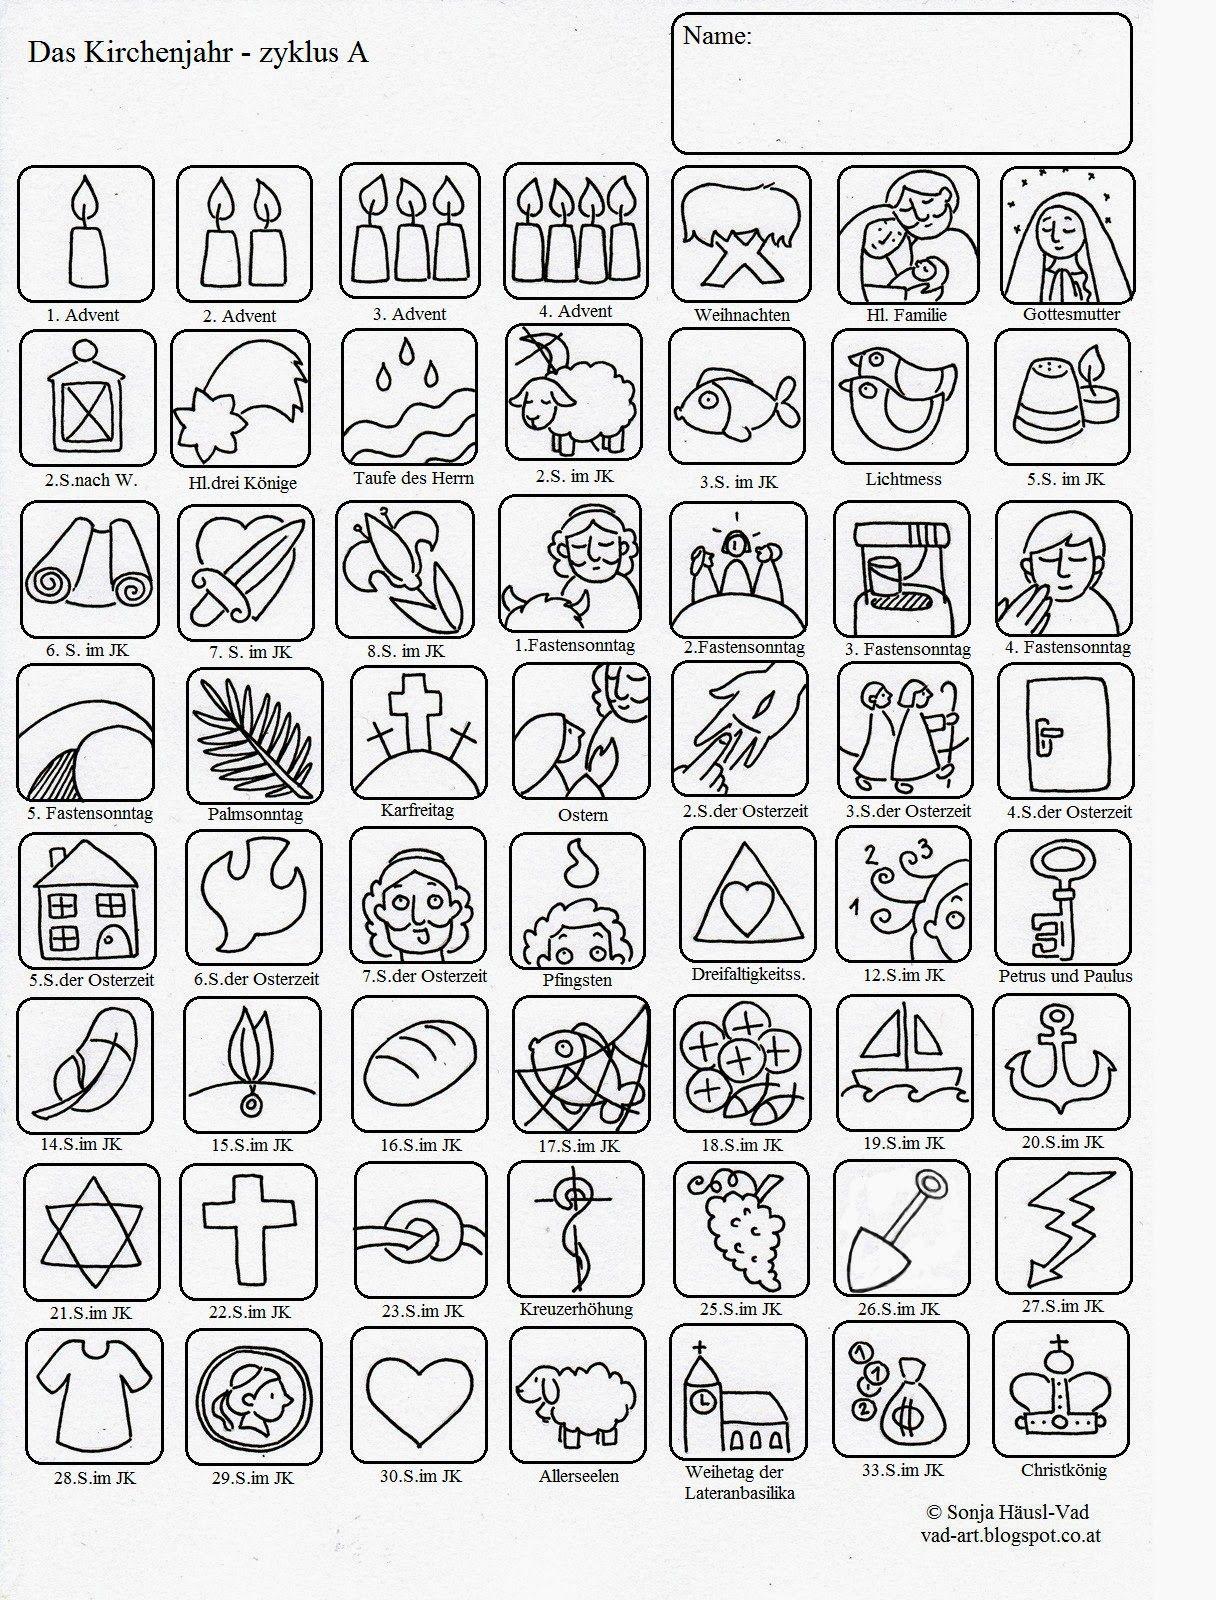 Ausmalbilder zur Bibel: Liturgischer Kalender für Kinder | Kodowanie ...